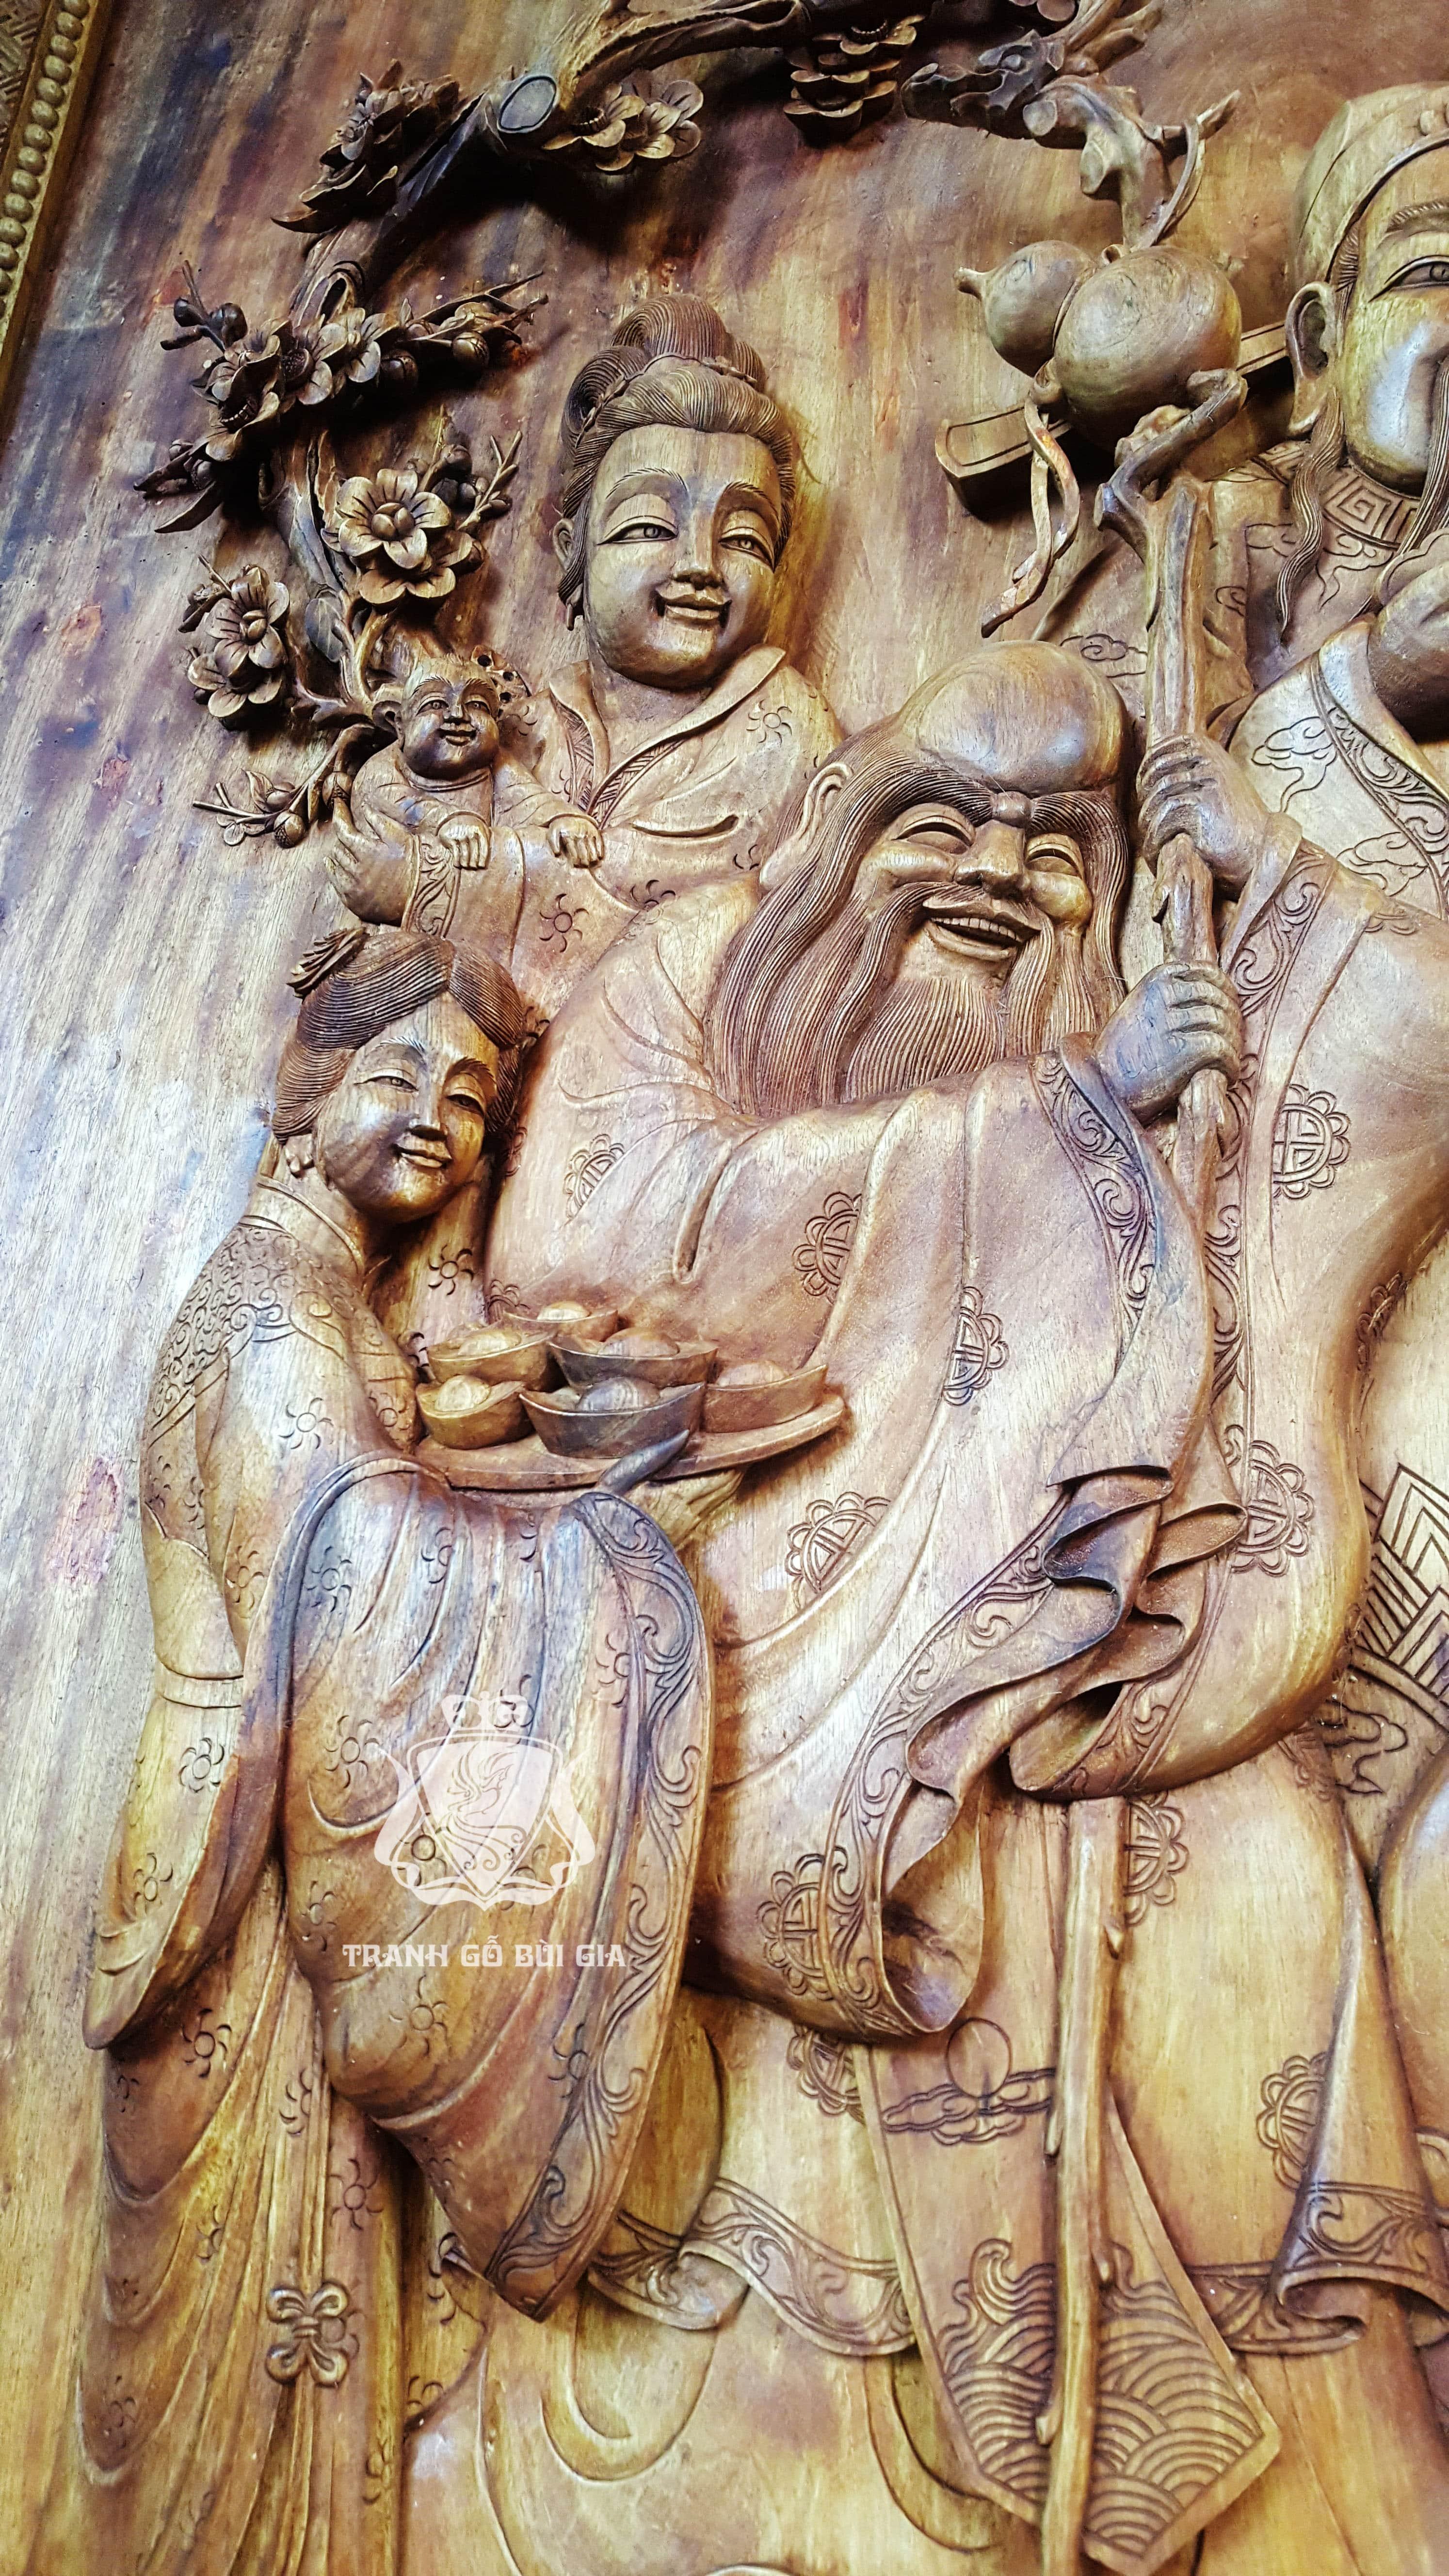 Tranh gỗ Tam Đa. Mẫu tranh Tam Đa đục tay tuyệt đẹp